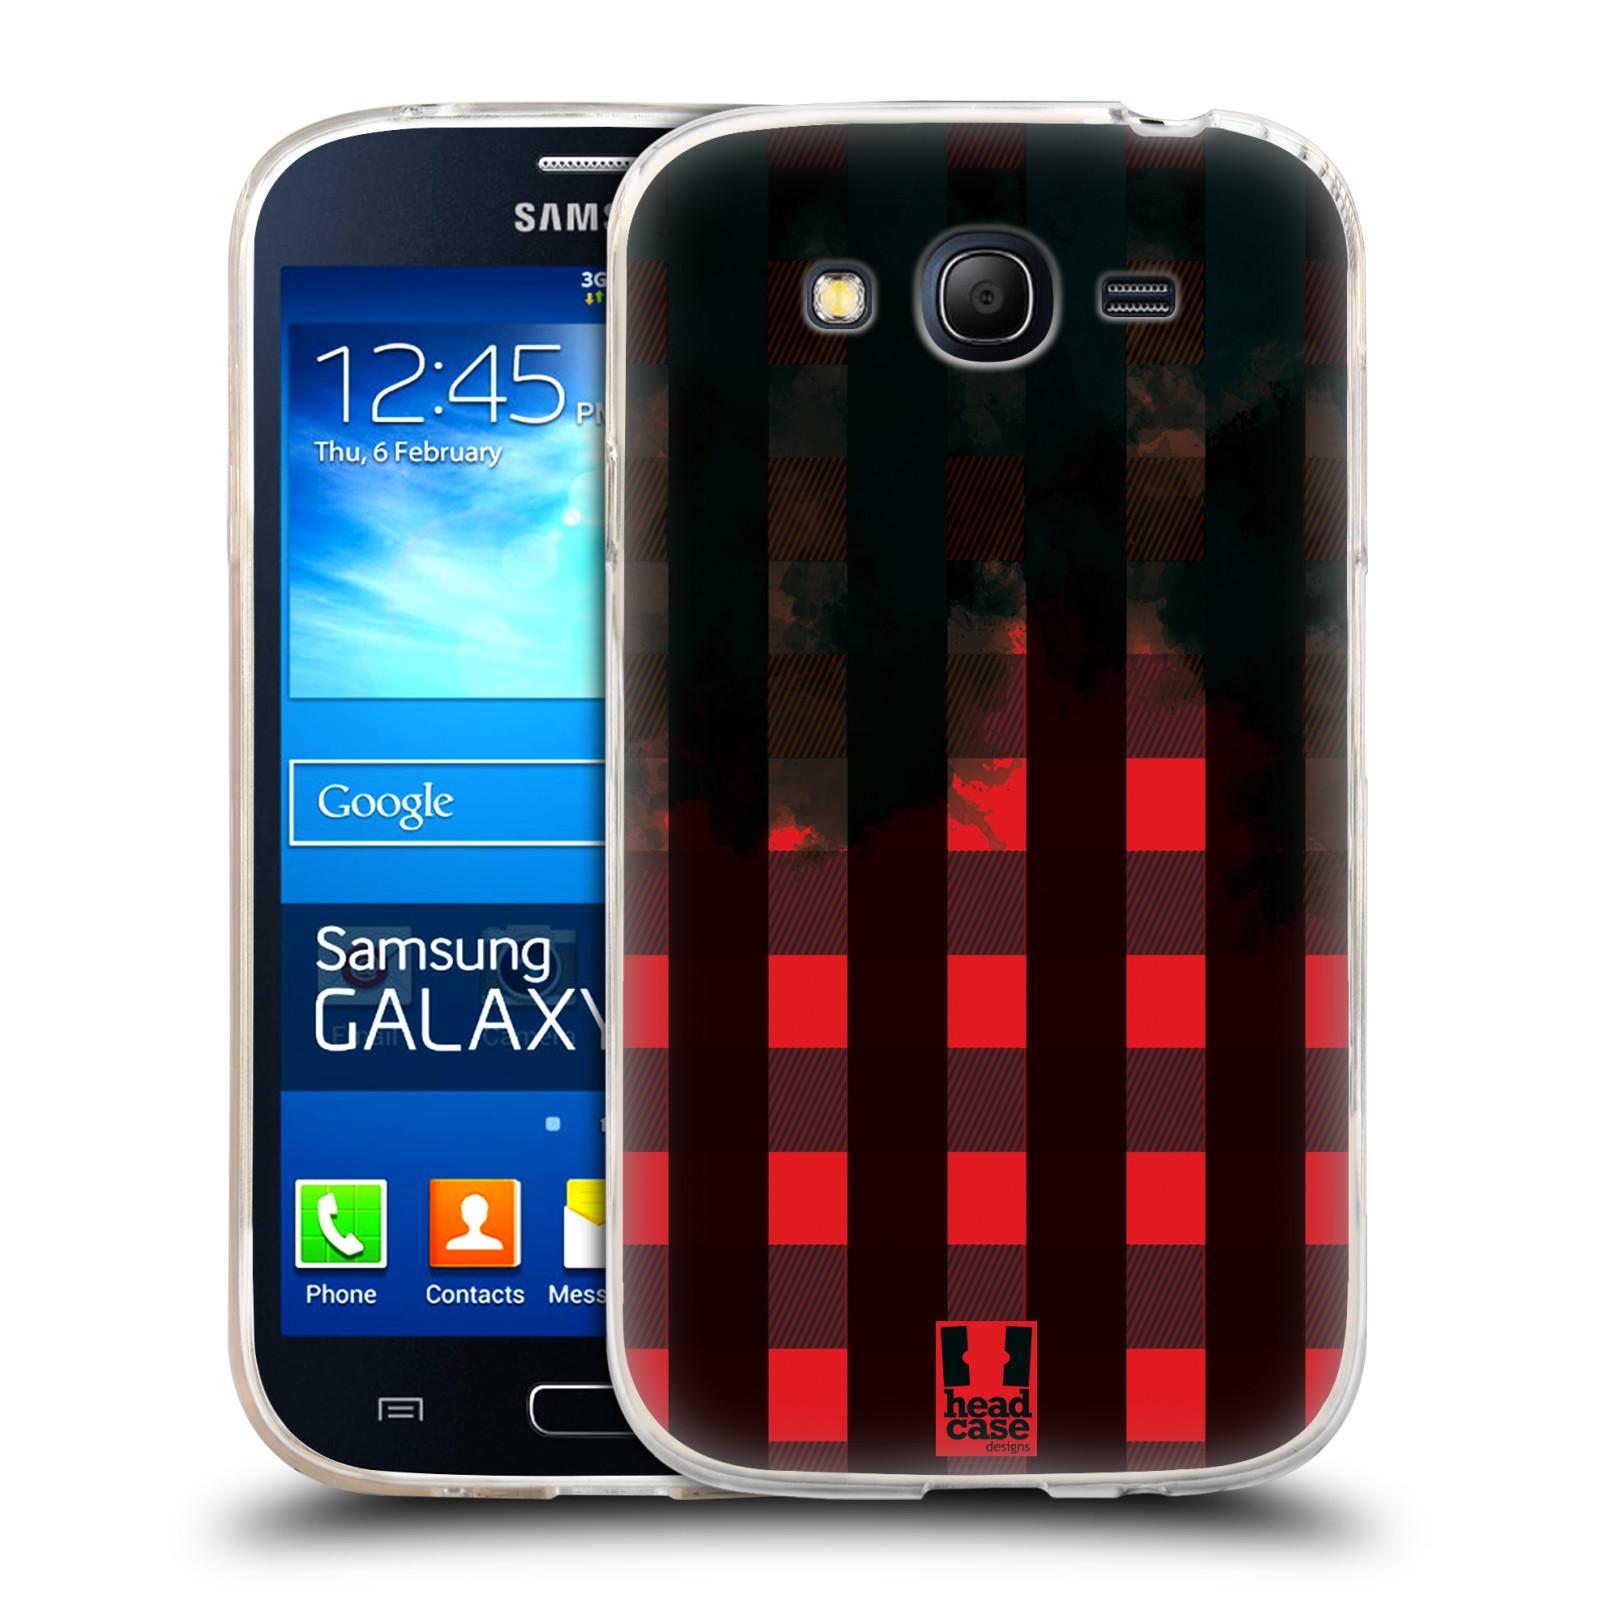 Silikonové pouzdro na mobil Samsung Galaxy Grand Neo HEAD CASE FLANEL RED BLACK (Silikonový kryt či obal na mobilní telefon Samsung Galaxy Grand Neo GT-I9060)